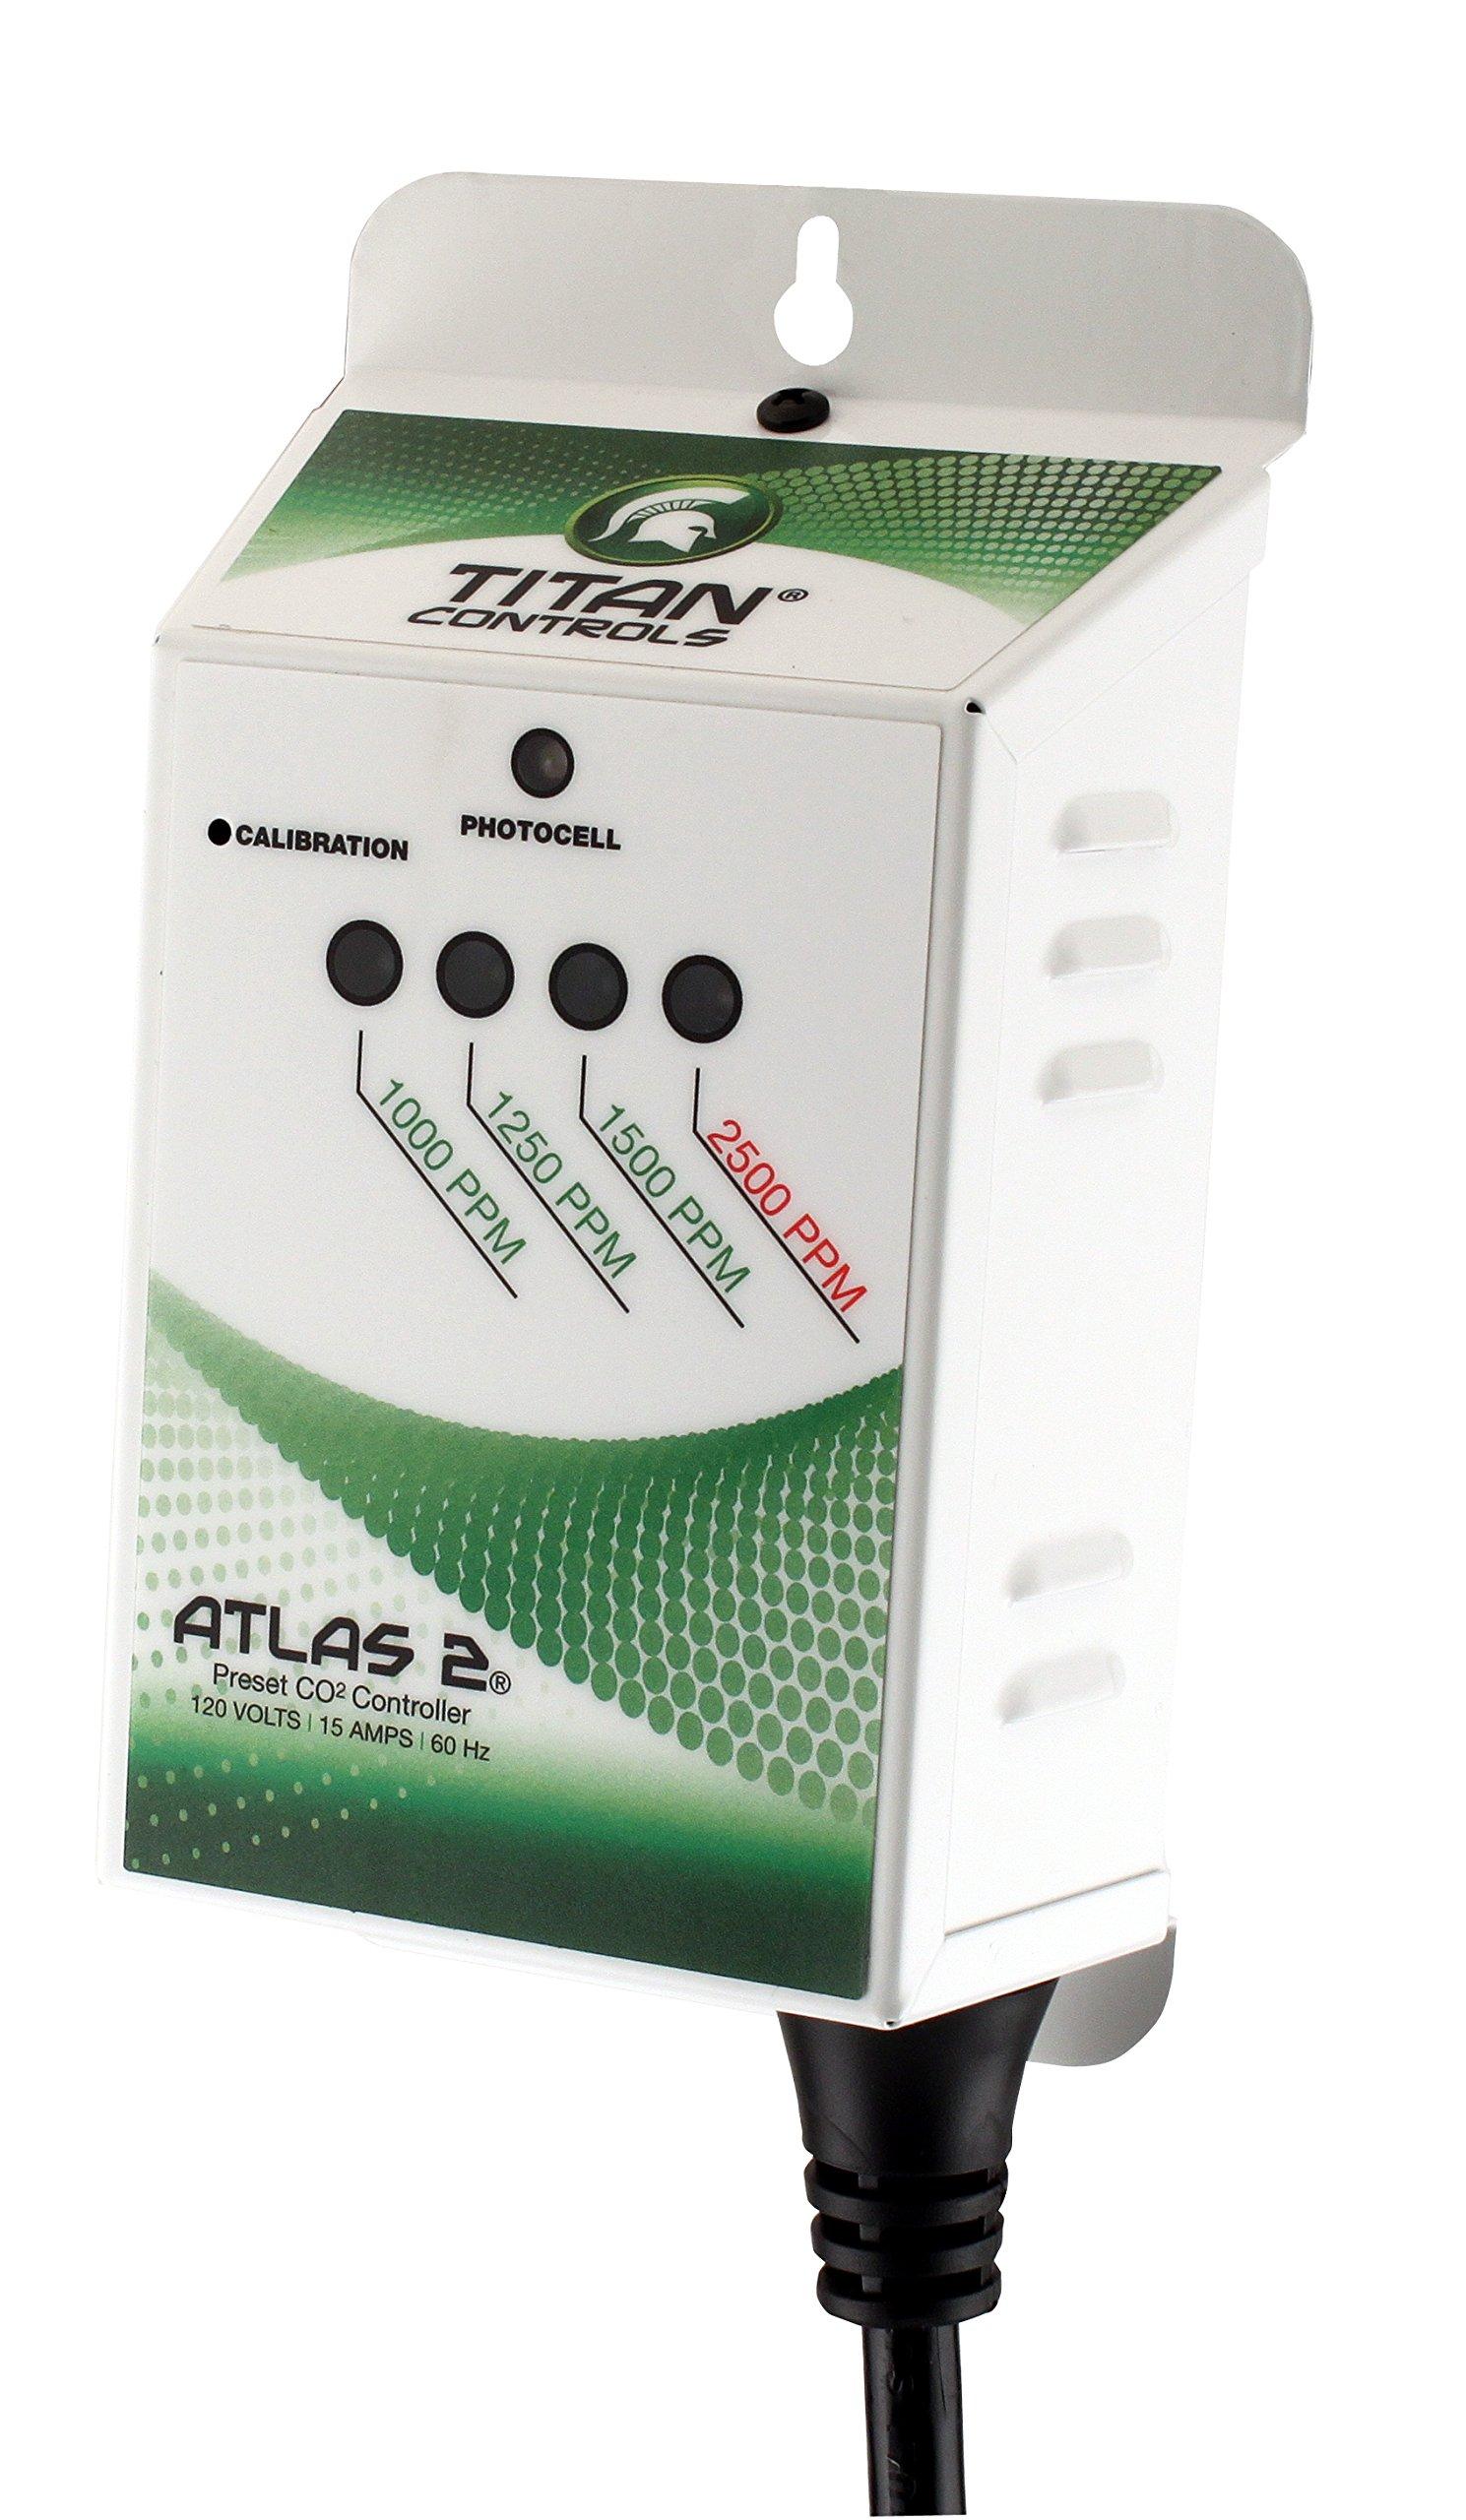 Titan Controls Preset Carbon Dioxide (CO2) Monitor & Controller, 120V - Atlas 2